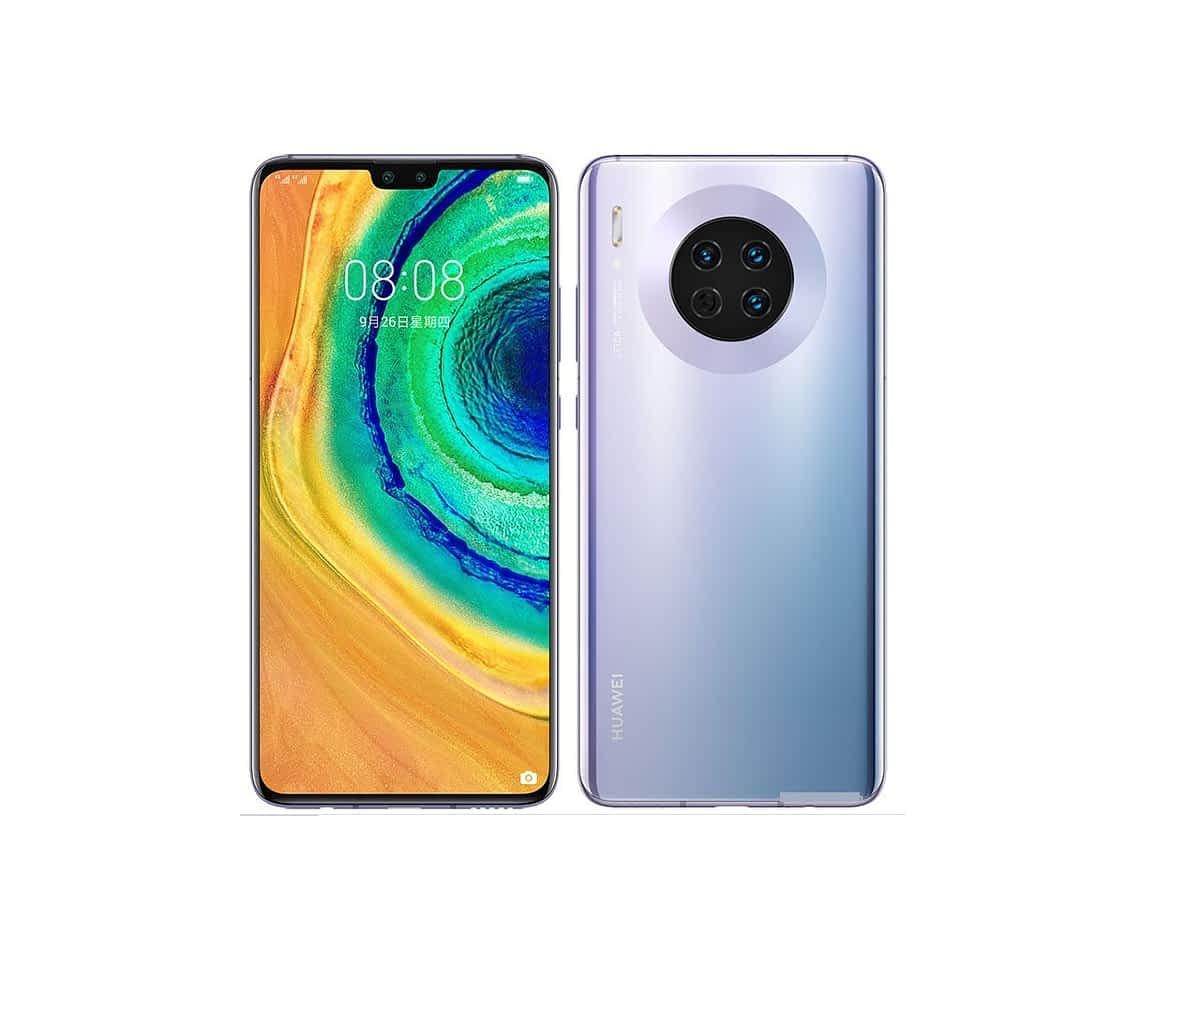 Huawei Mate 30 Pro 5G camera